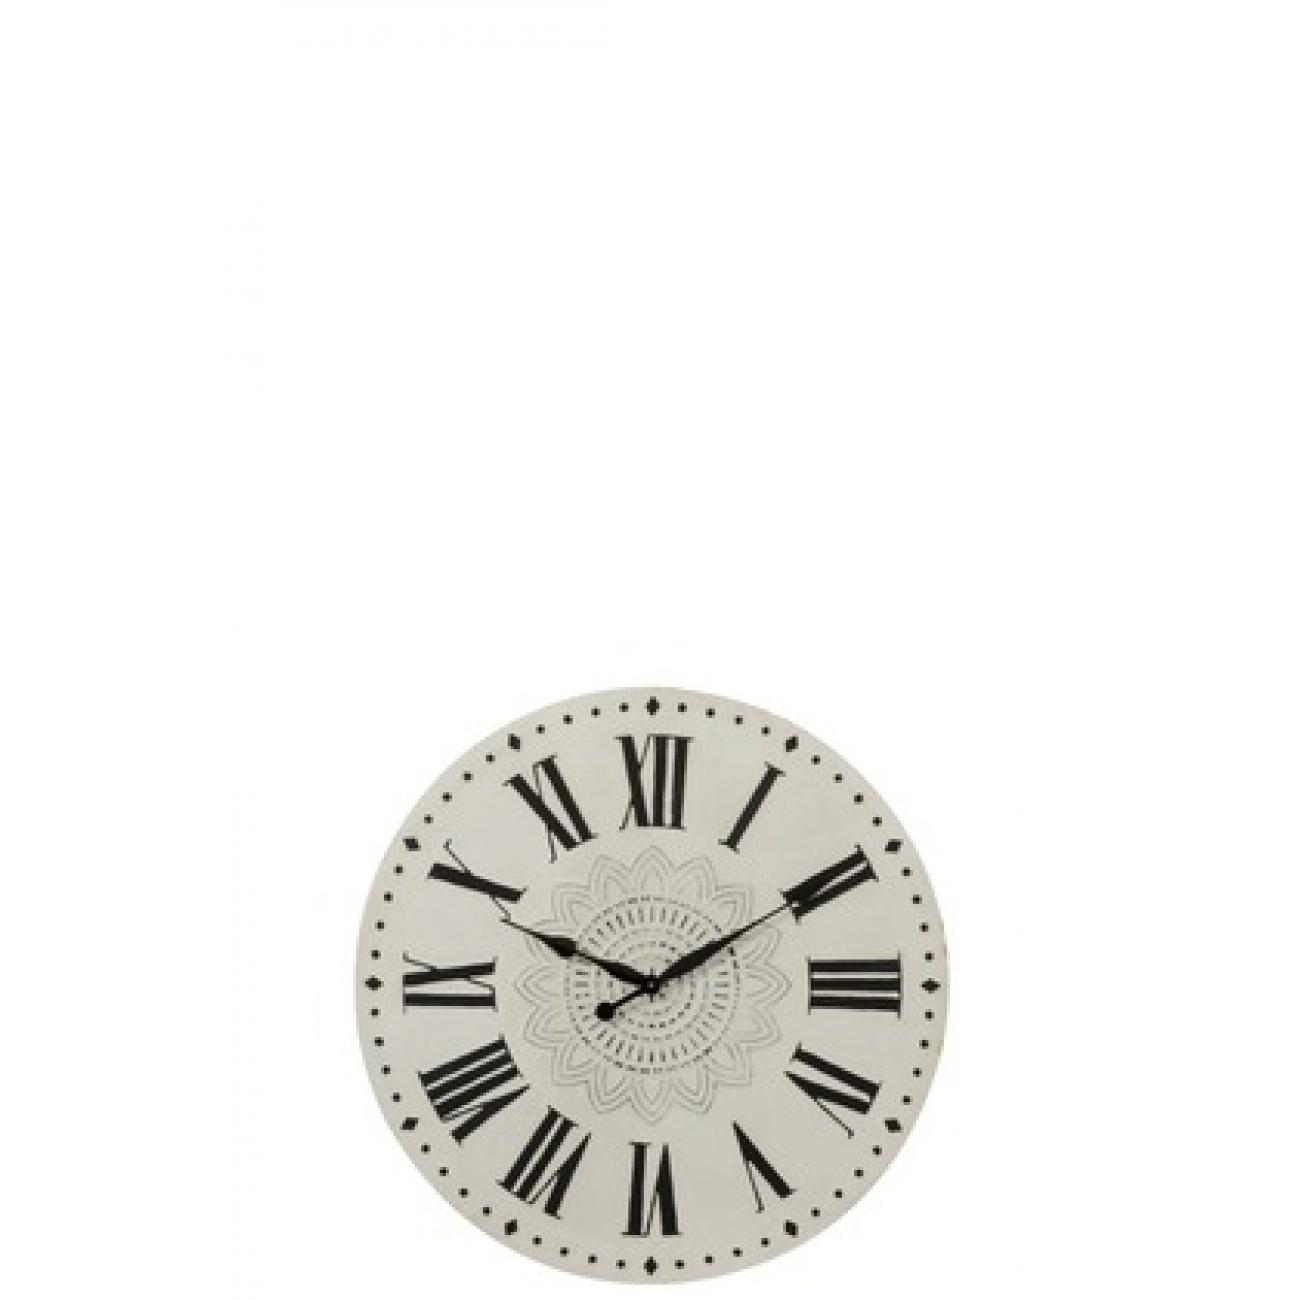 Настенные часы J-LINE белые круглые в металлическом  корпусе диаметр 74 см